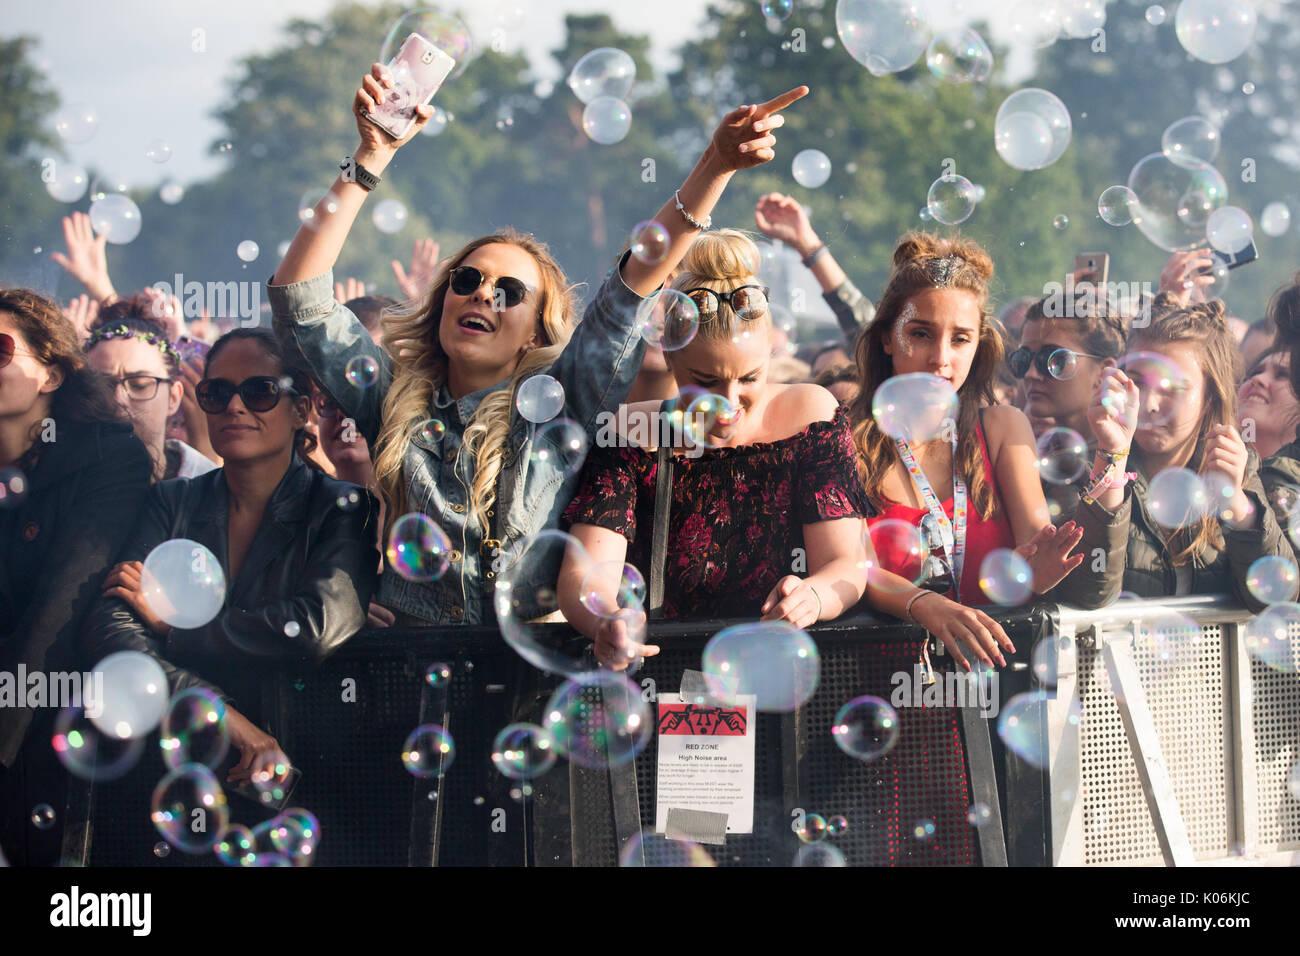 Gli appassionati di musica a Hylands Park,Chelmsford,Essex Domenica,20 Agosto a questo anni V Festival. Immagini Stock